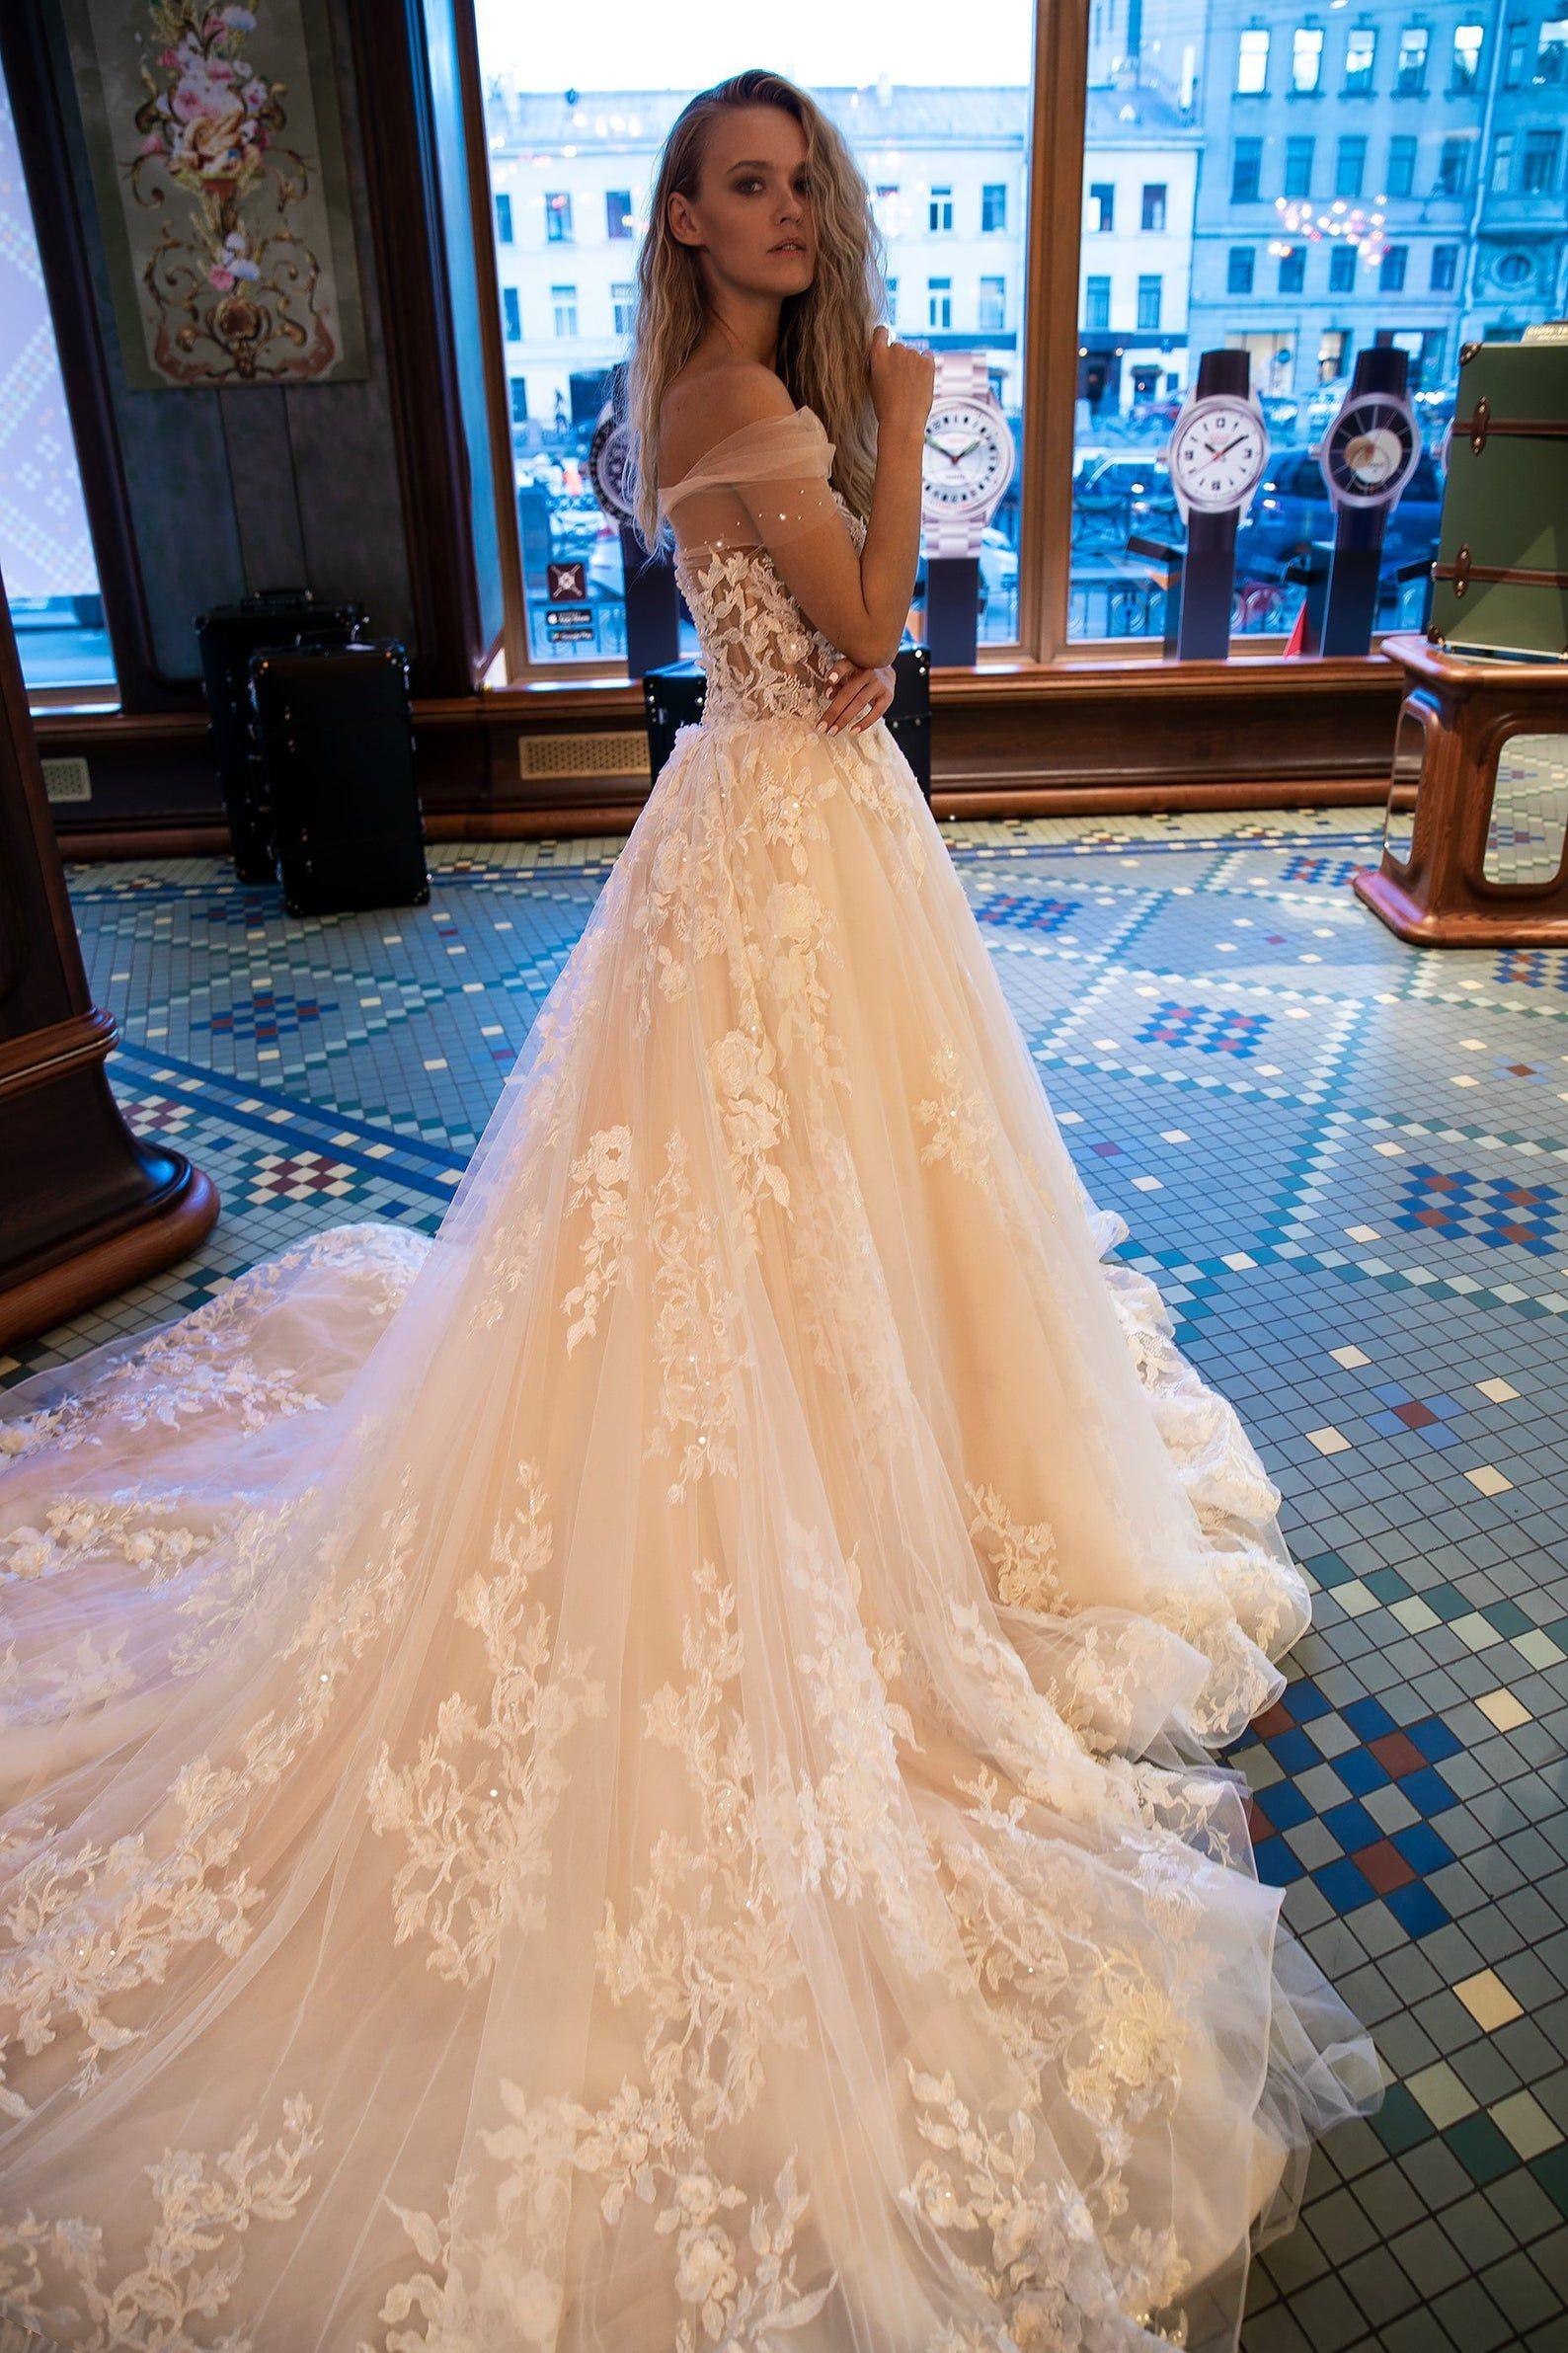 Robe de mariée glamour Jane par Olivia Bottega avec traînée. Robe de mariée en tulle doux. Dentelle avec des éléments de fleurs 3D. Une robe de mariée en ligne.   – Wedding dresses